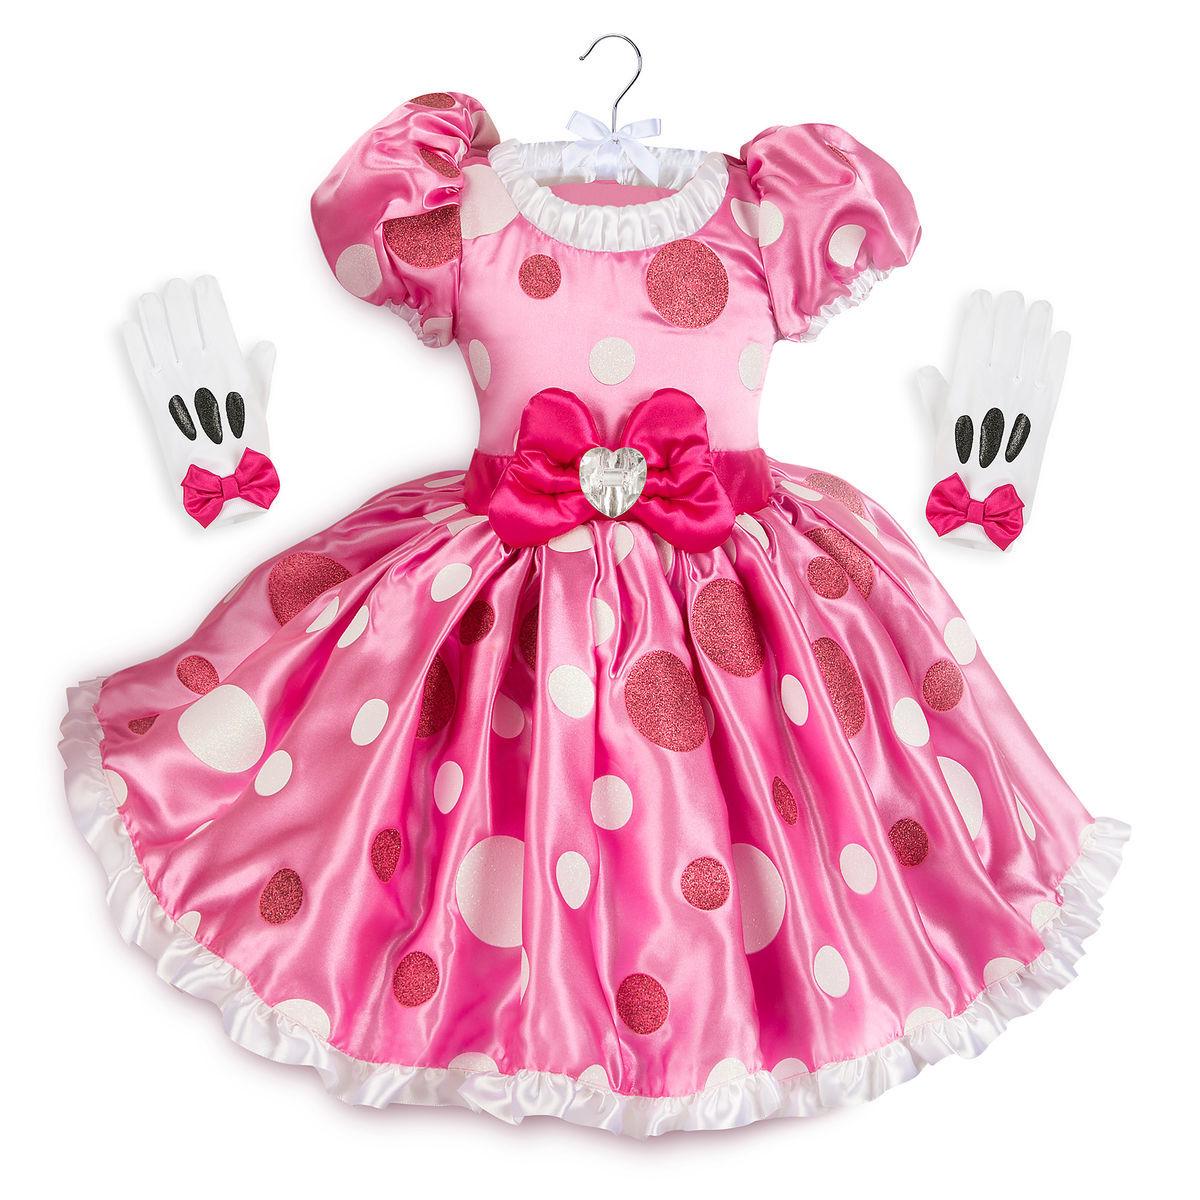 Disney ディズニー Minnie Mouse 85-125cmサイズ 女の子用ミニーマウスなりきりコスチュームドレス2点セット ワンピース コスプレ ハロウィン ハロウィーン Halloween 衣装 変装 【ラ・クーポンで送料無料】【楽ギフ_包装選択】